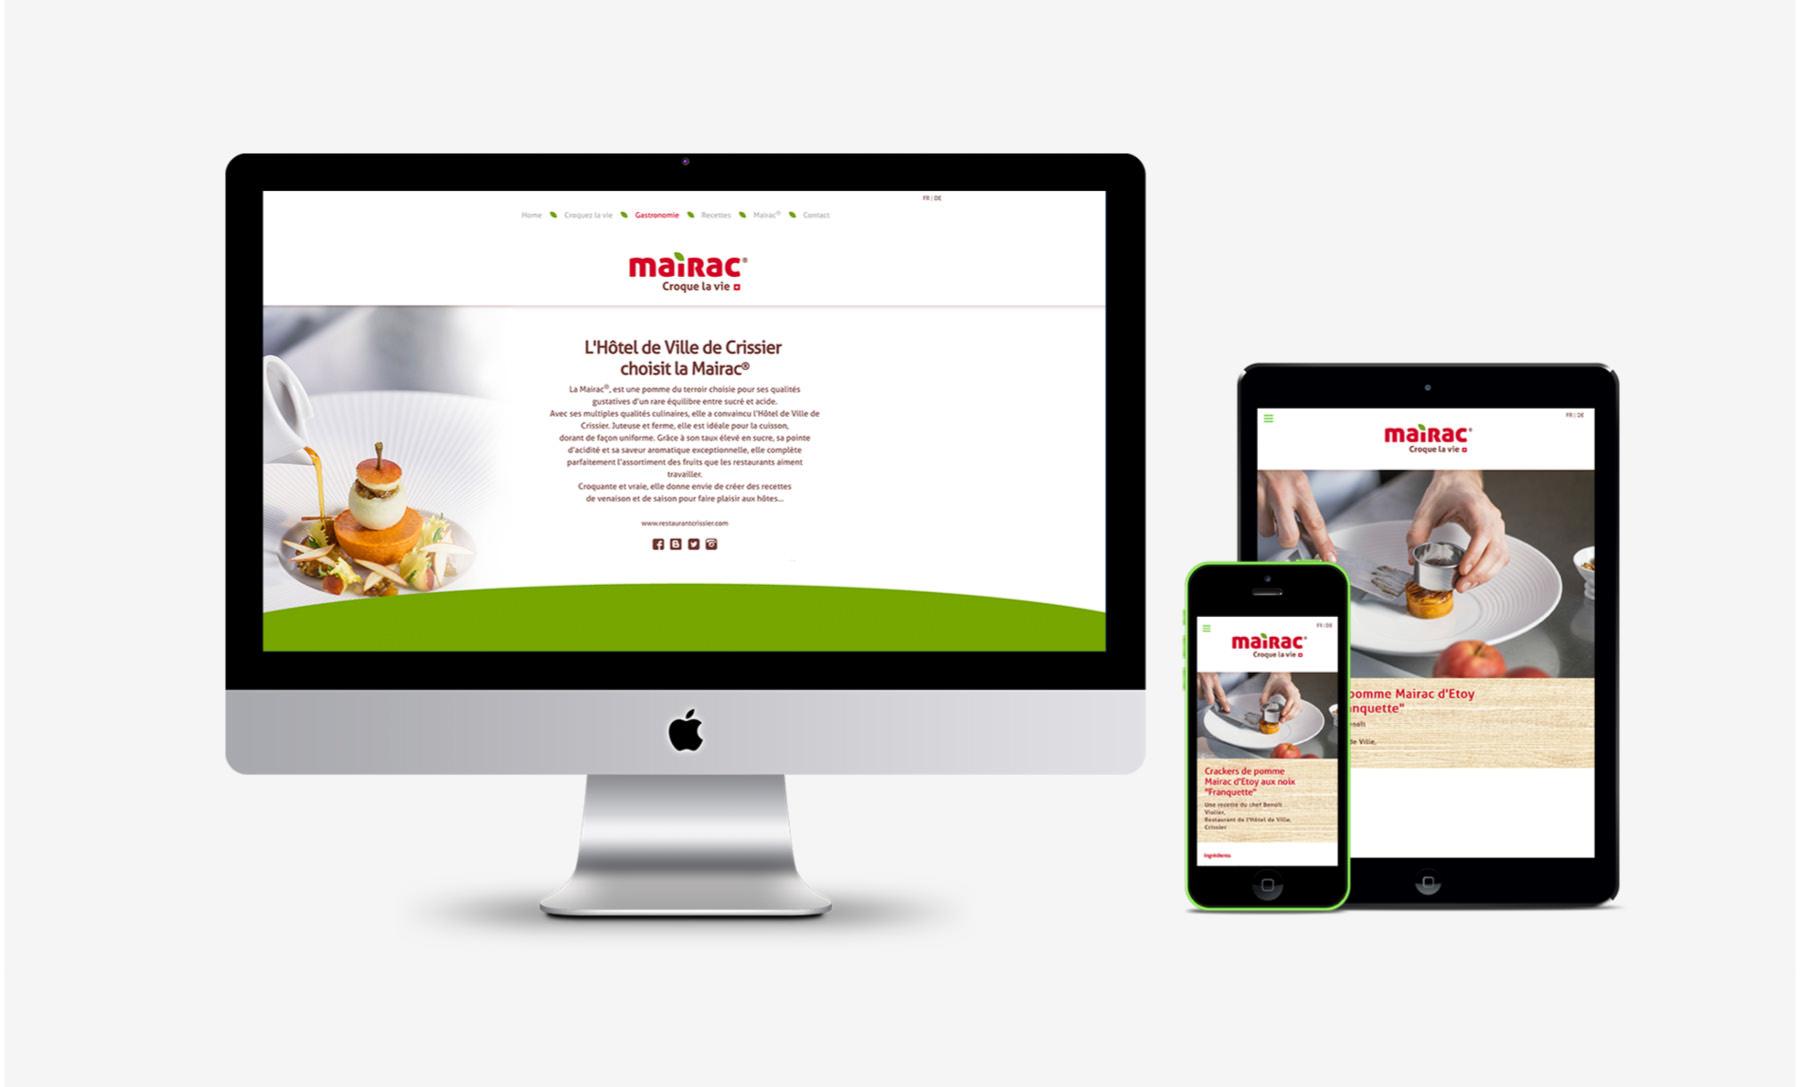 Mairac Croque la vie logo pomme site internet